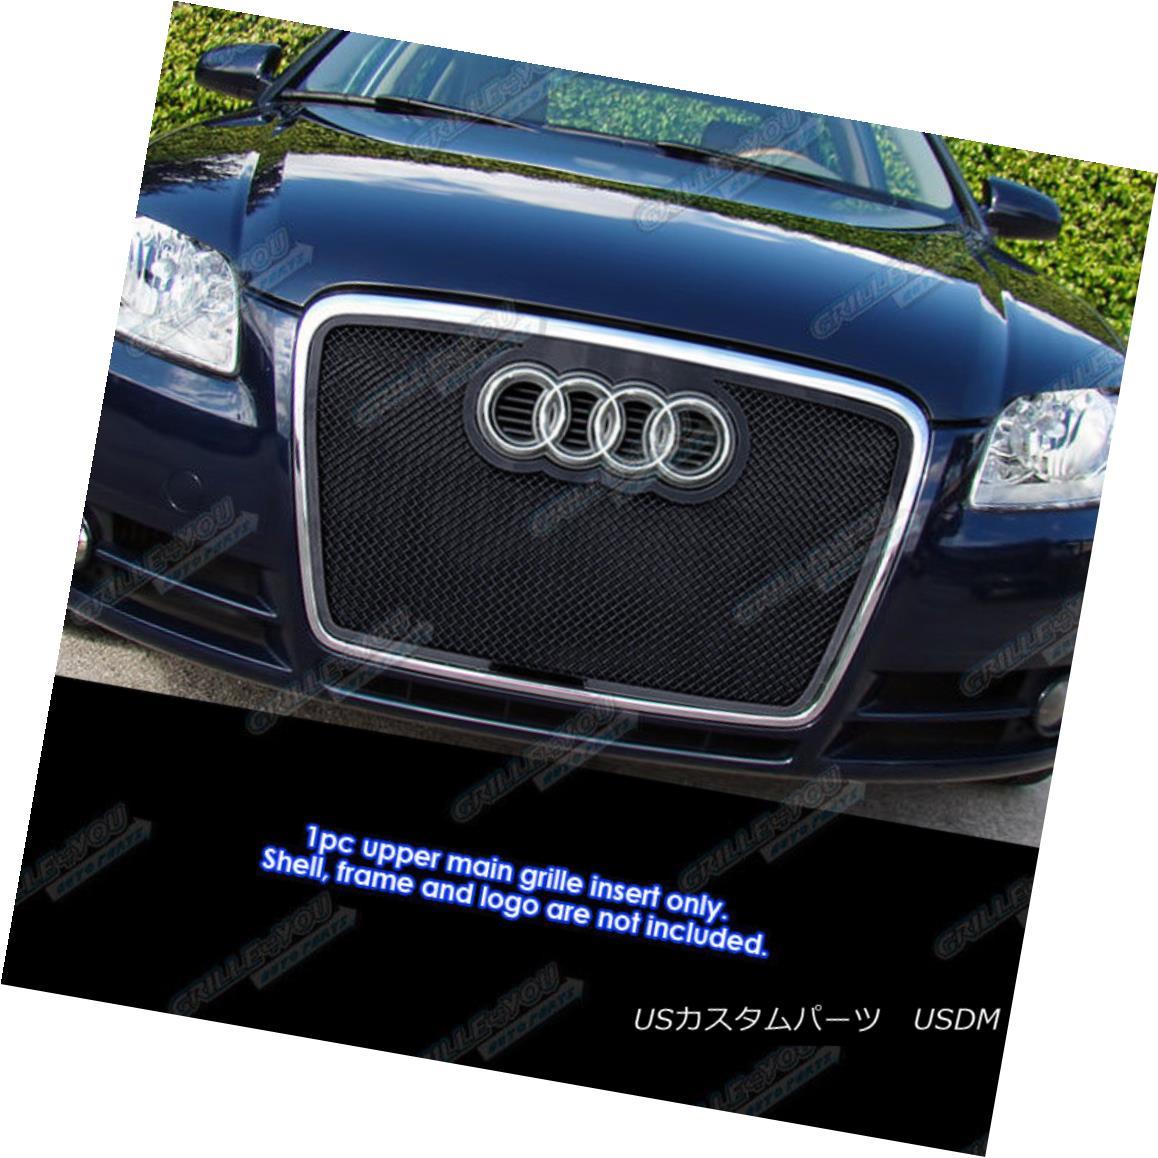 グリル Fits 2006-2007 Audi A4 Stainless Steel Mesh Grille Insert フィット2006-2007 Audi A4ステンレスメッシュグリルインサート